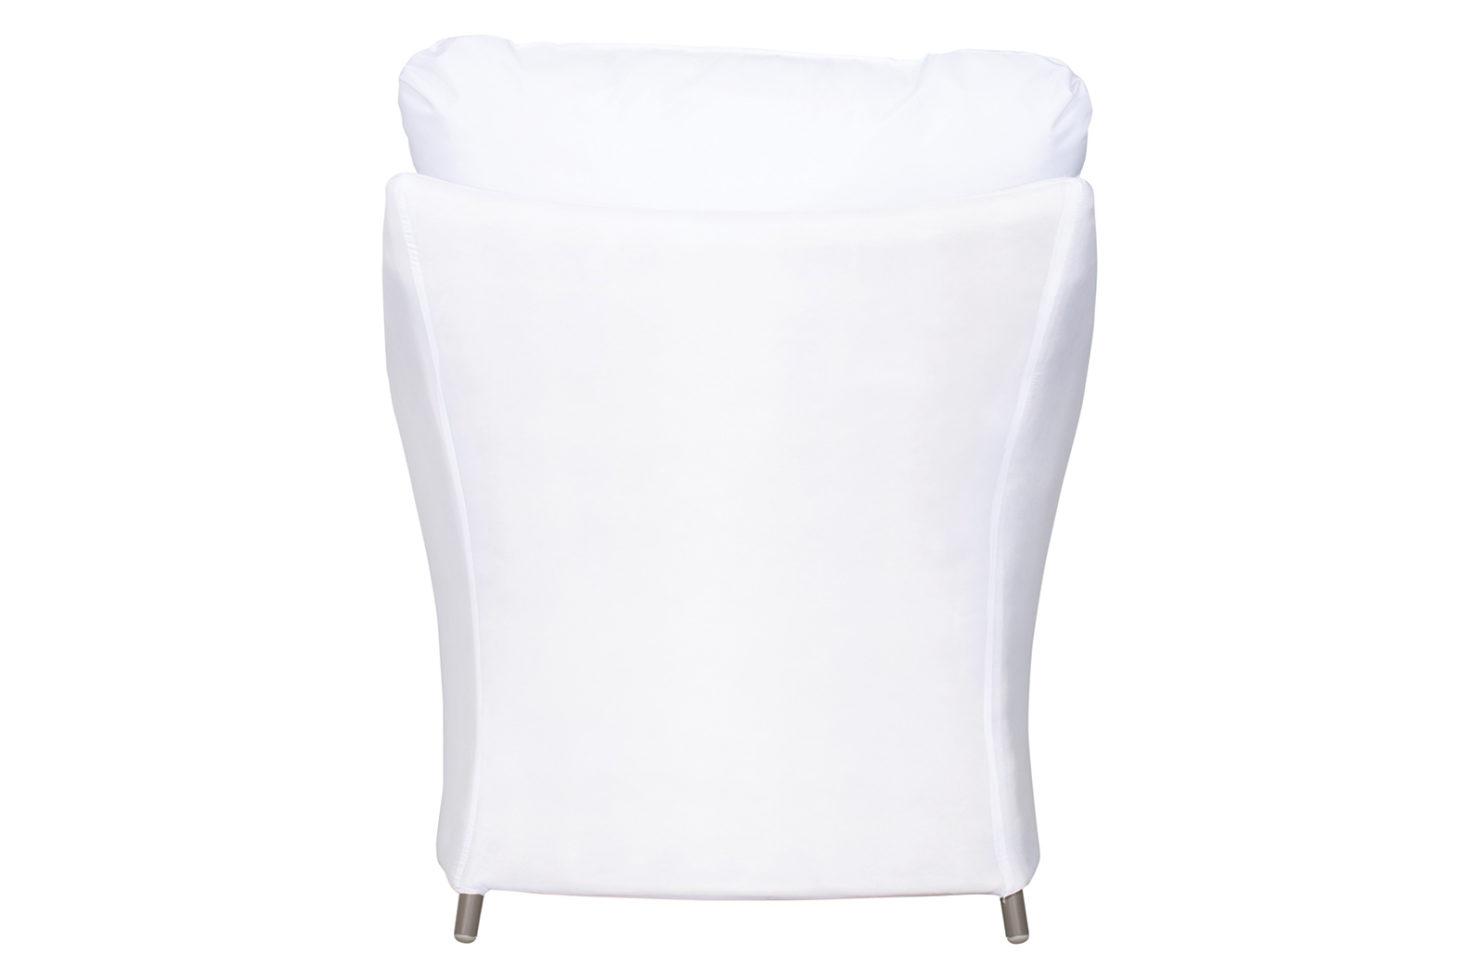 capri lounge frame 620FT091P2 1 back